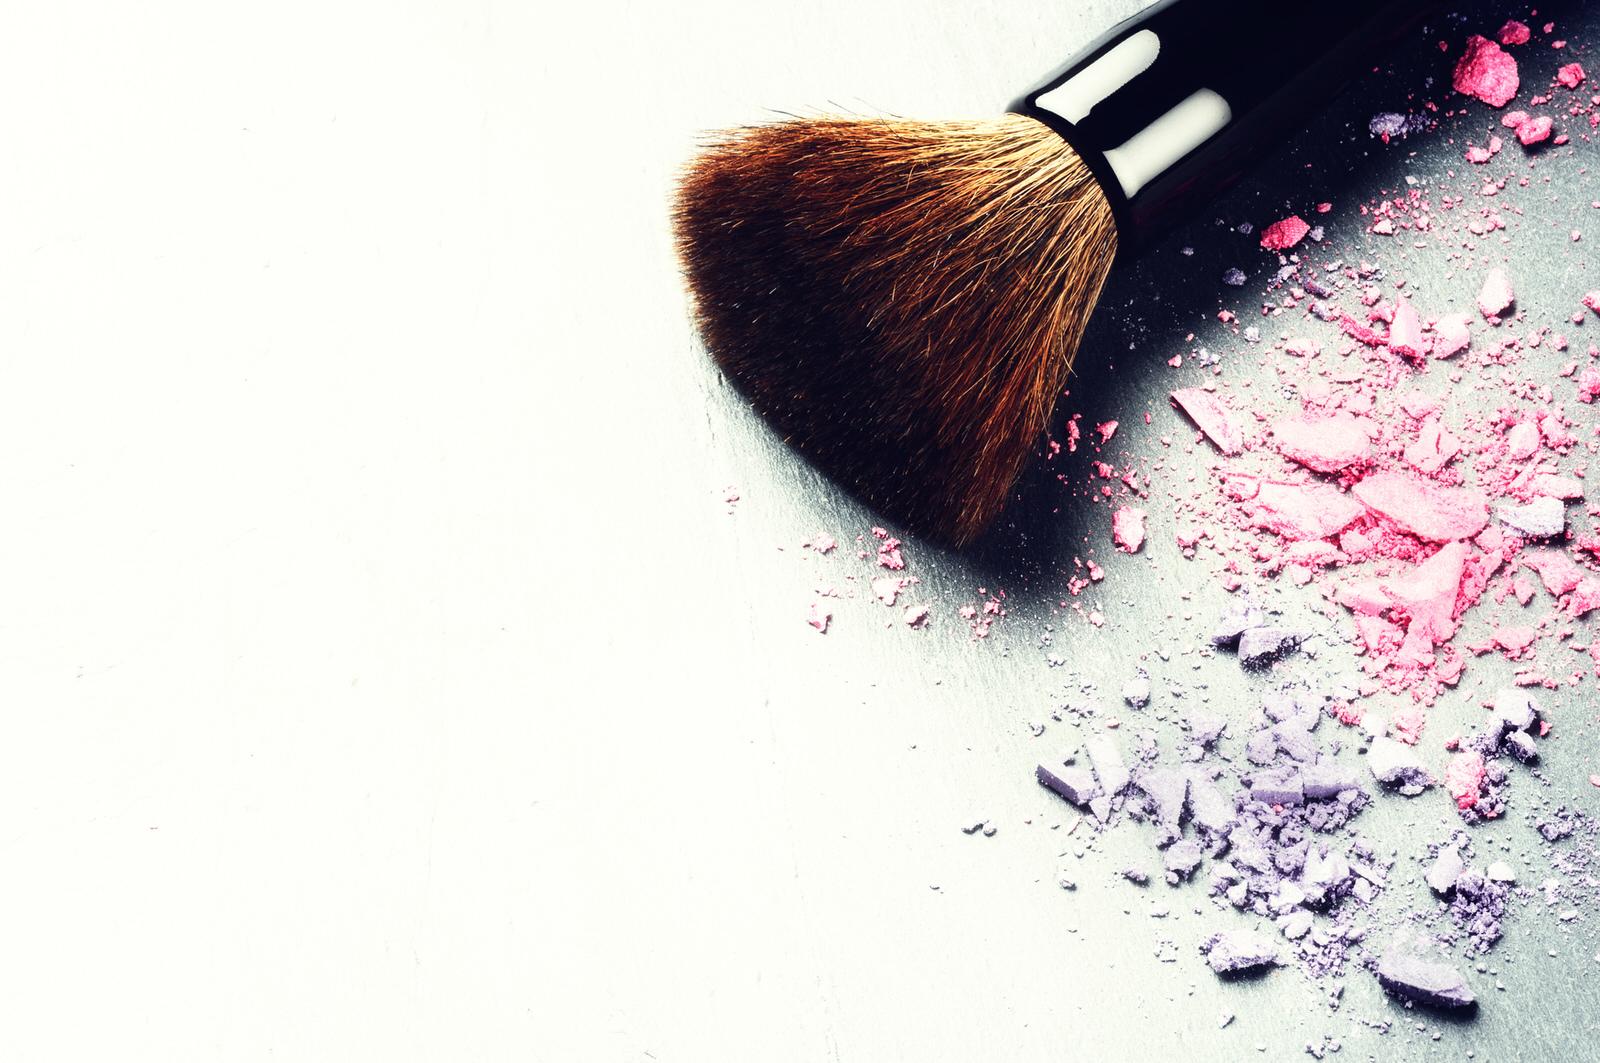 A makeup brush next to crushed makeup